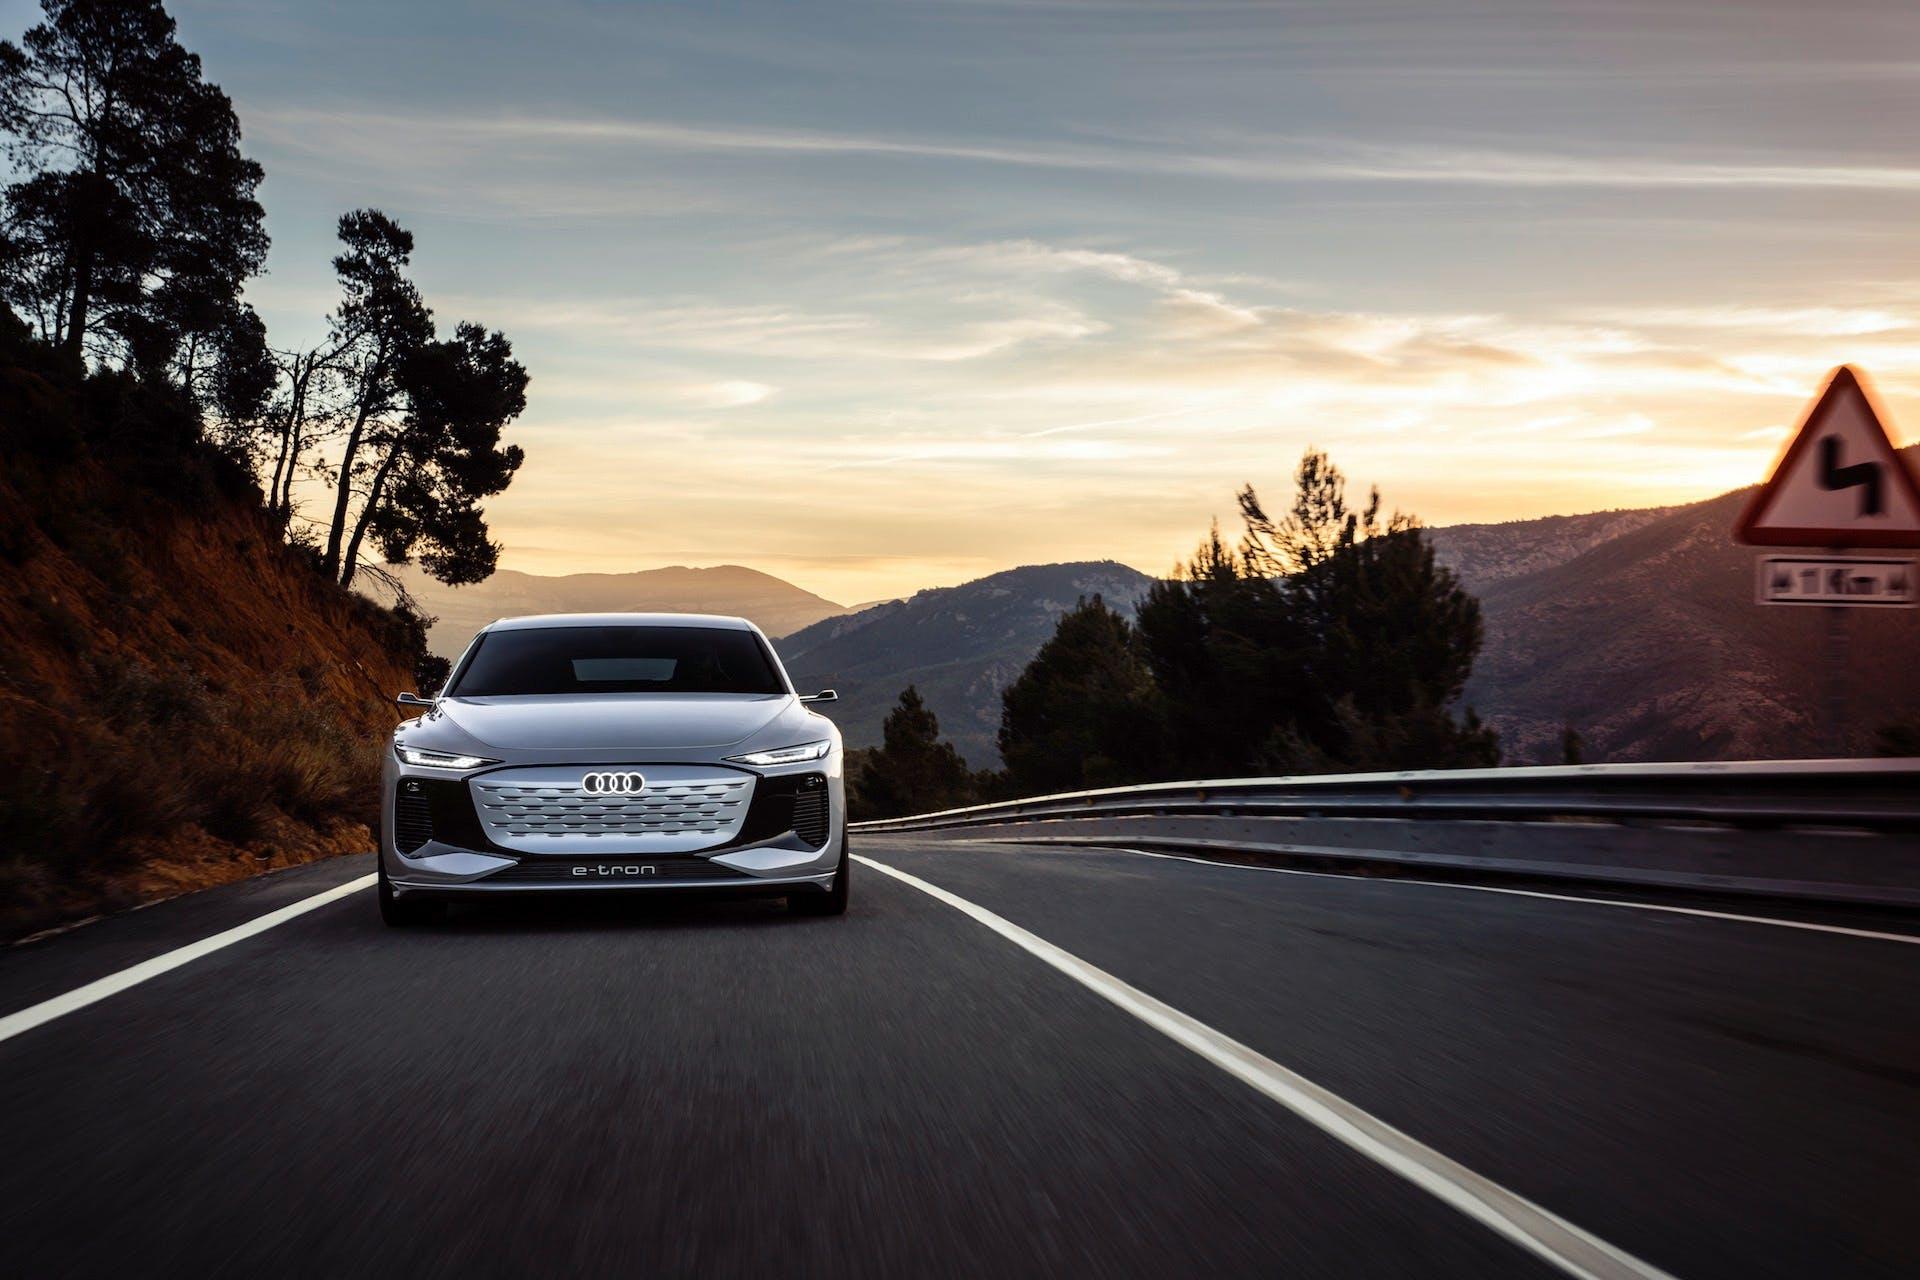 Concept Audi A6 e-tron totalmente elettrica - focus sulla calandra dove si può notare la mascherina ampia e levigata